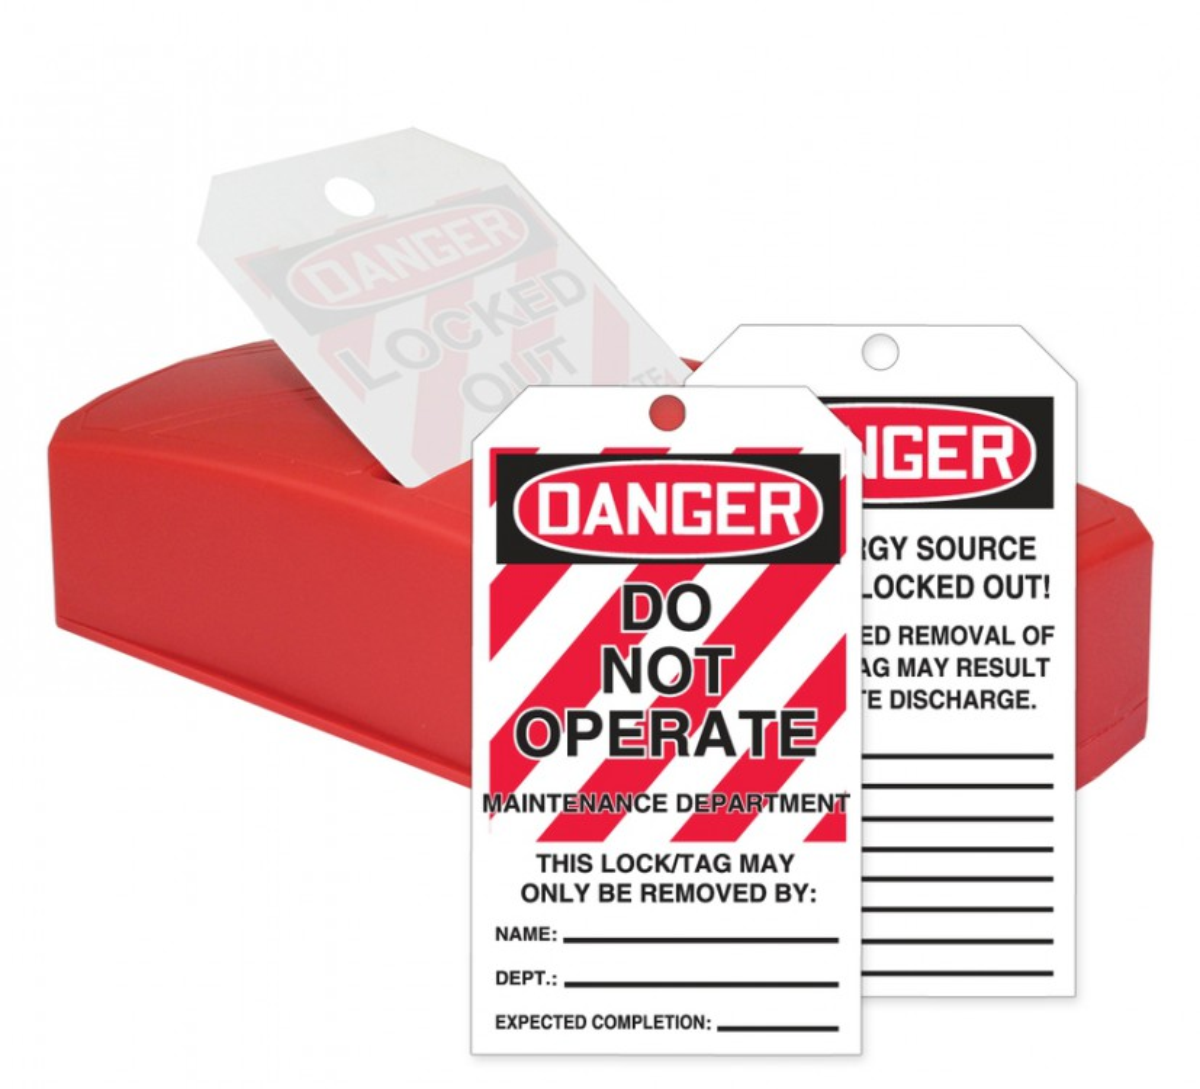 DANGER DO NOT OPERATE MAINTENANCE DEPARTMENT